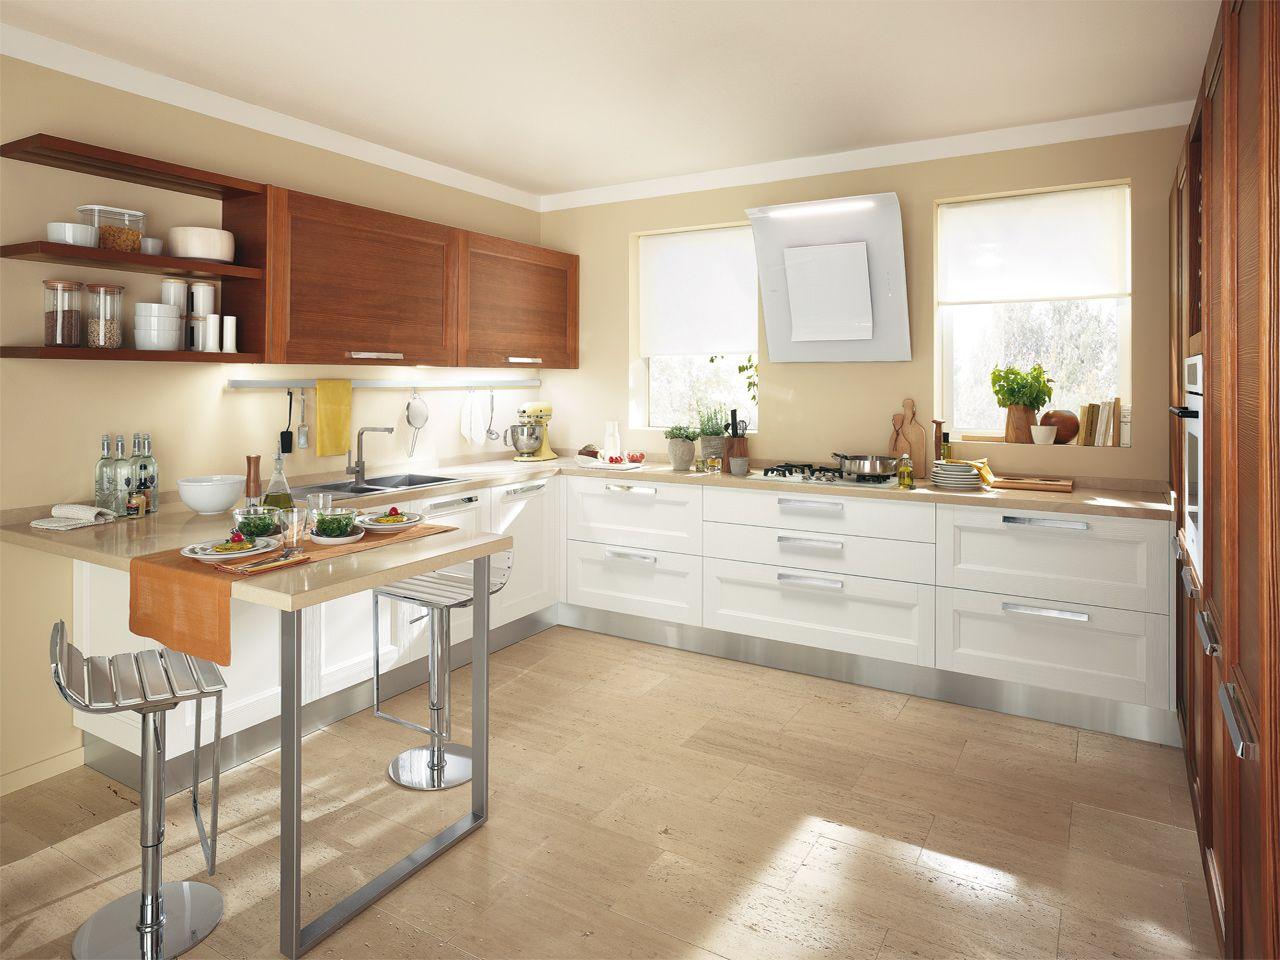 Cucina componibile in legno massello cucina laccata for Cucine componibili moderne prezzi